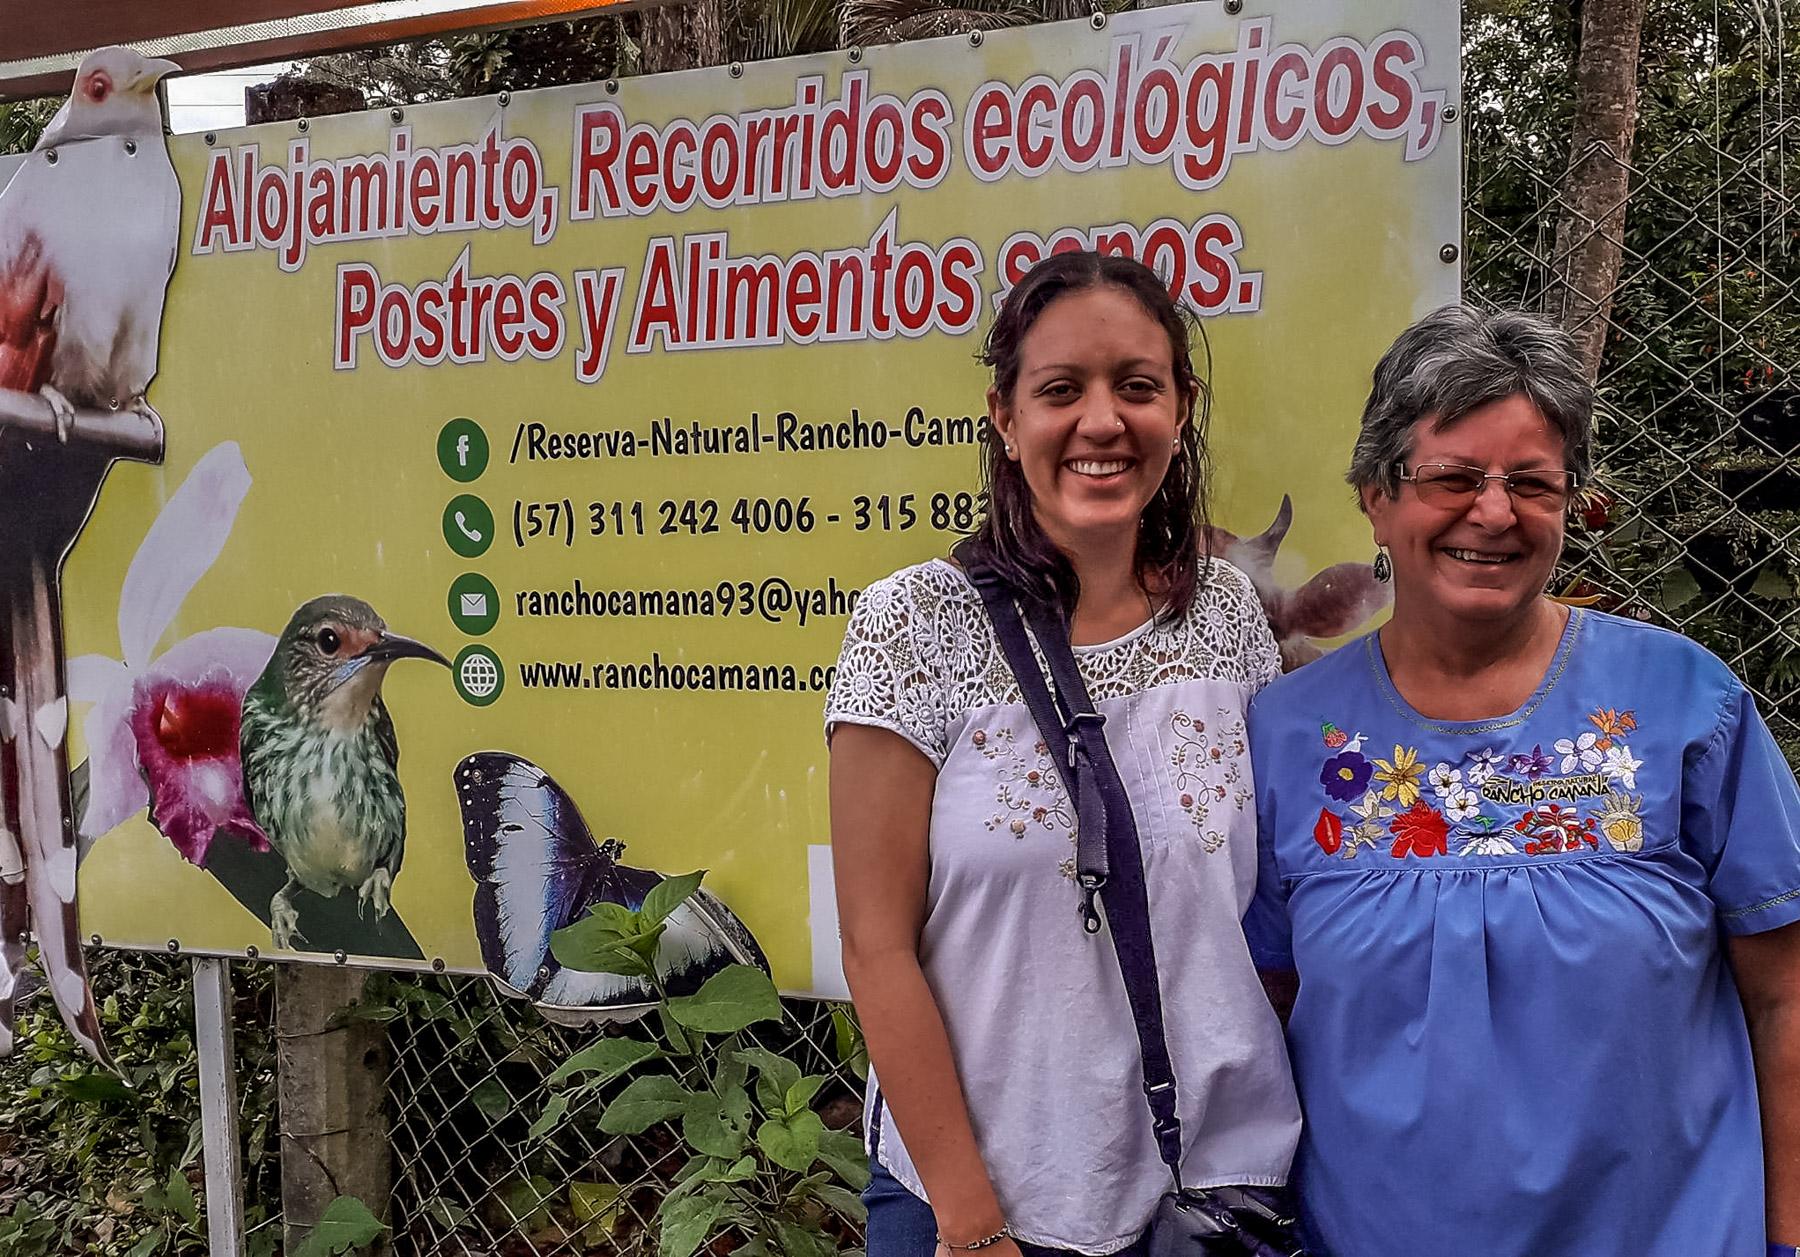 Natalia och Marta Camana lodge